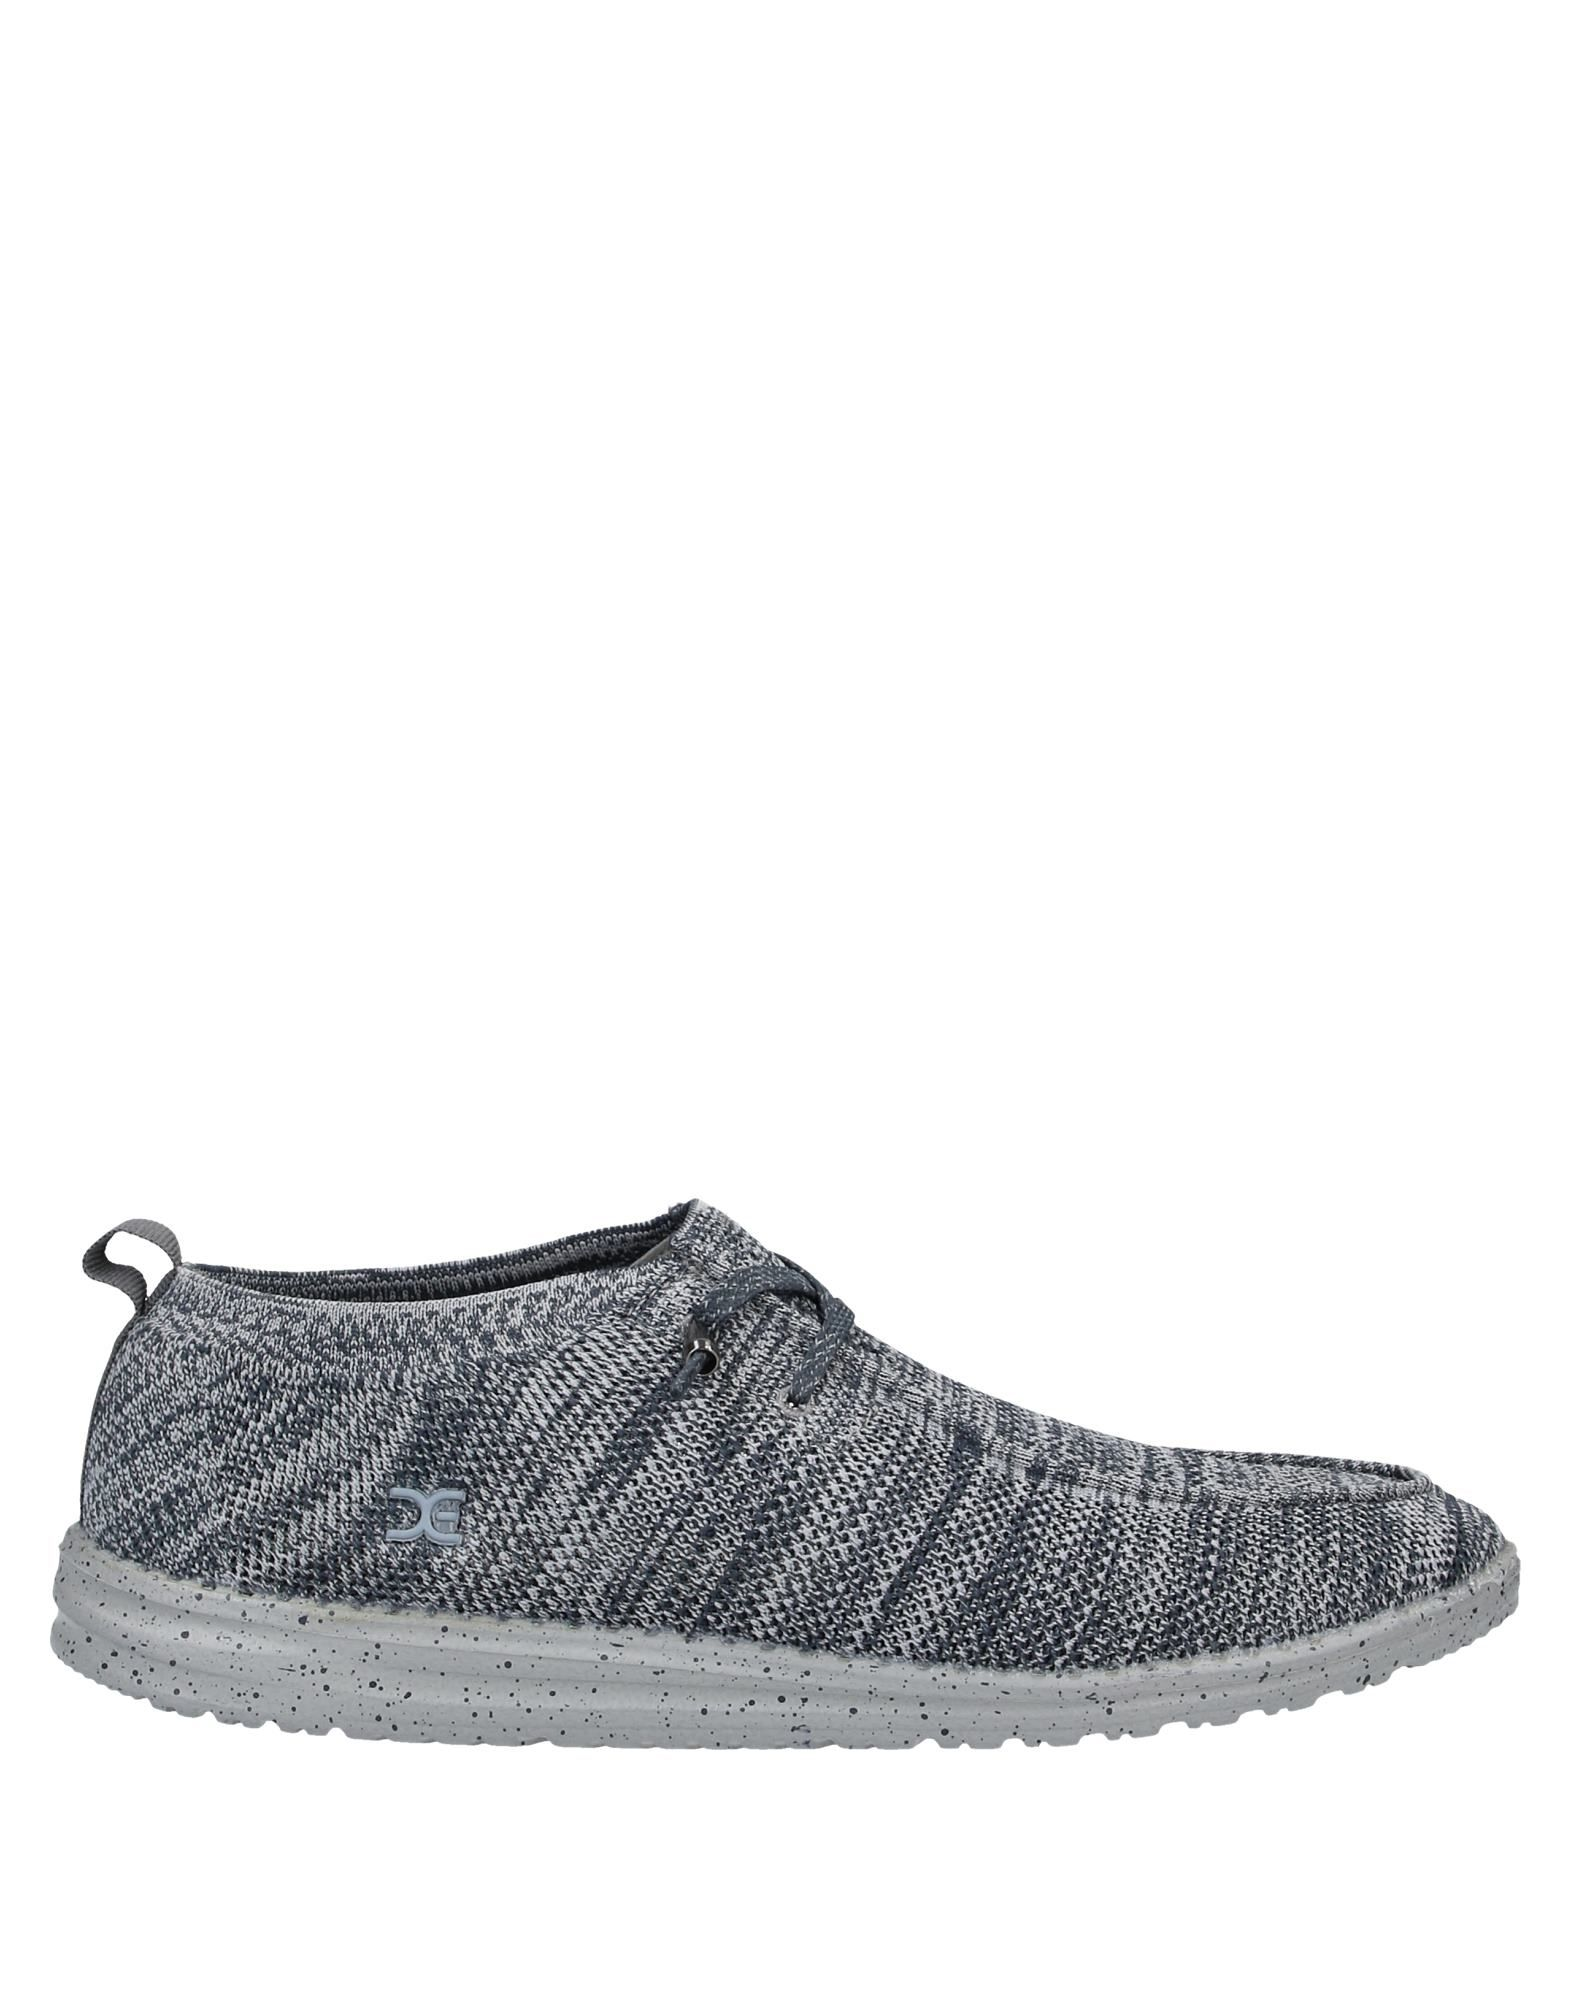 《送料無料》HEY DUDE メンズ スニーカー&テニスシューズ(ローカット) グレー 40 紡績繊維